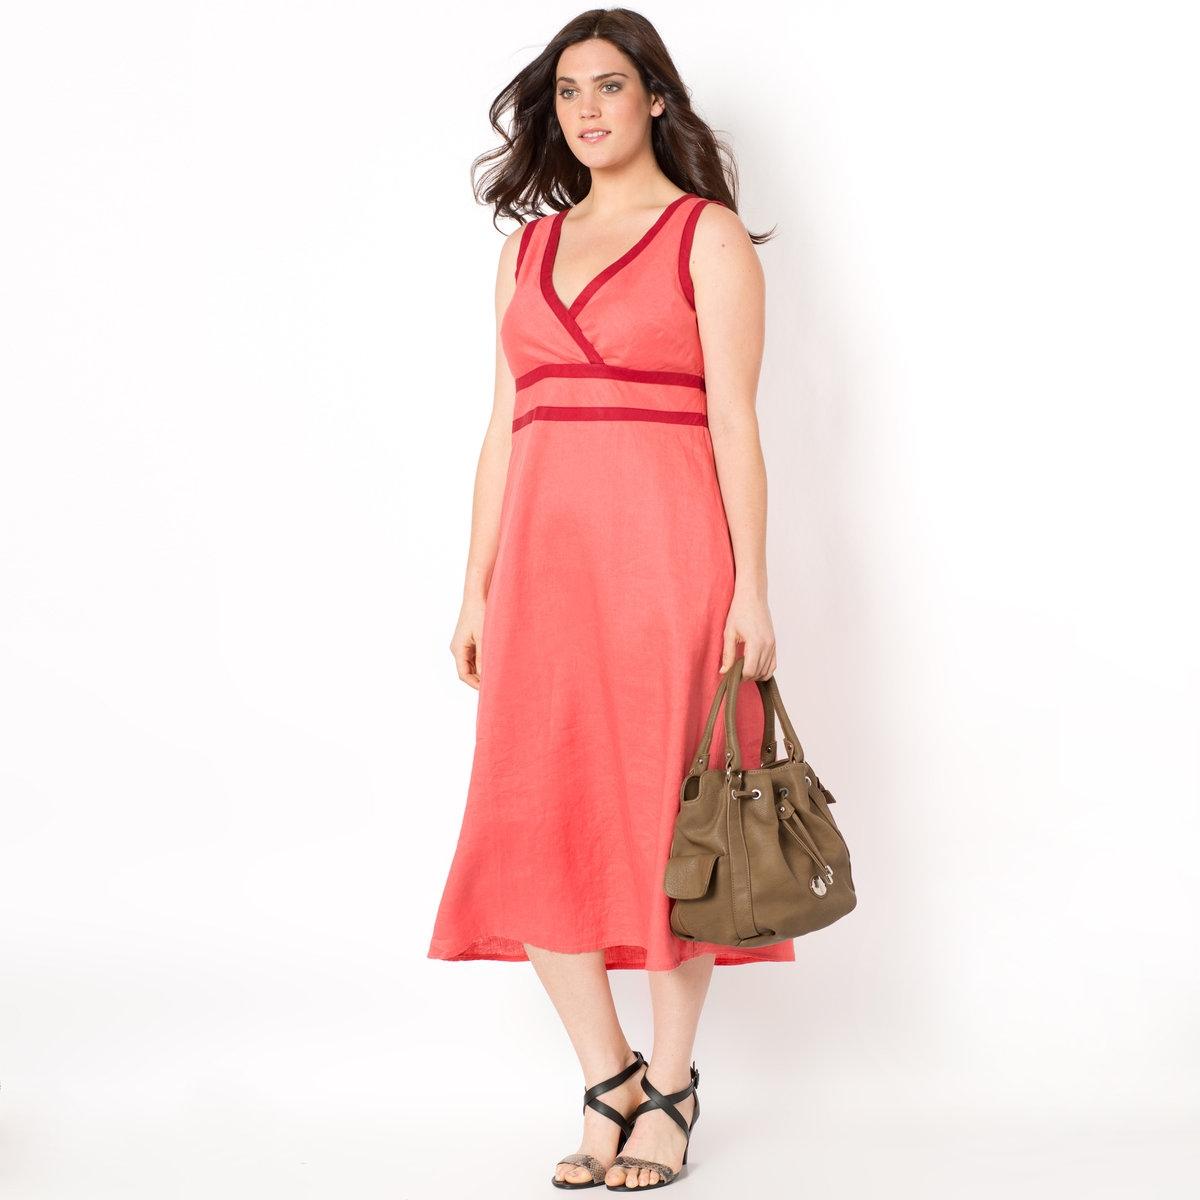 Платье длинное, 100% хлопка бюстгальтер quelle lascana 538030